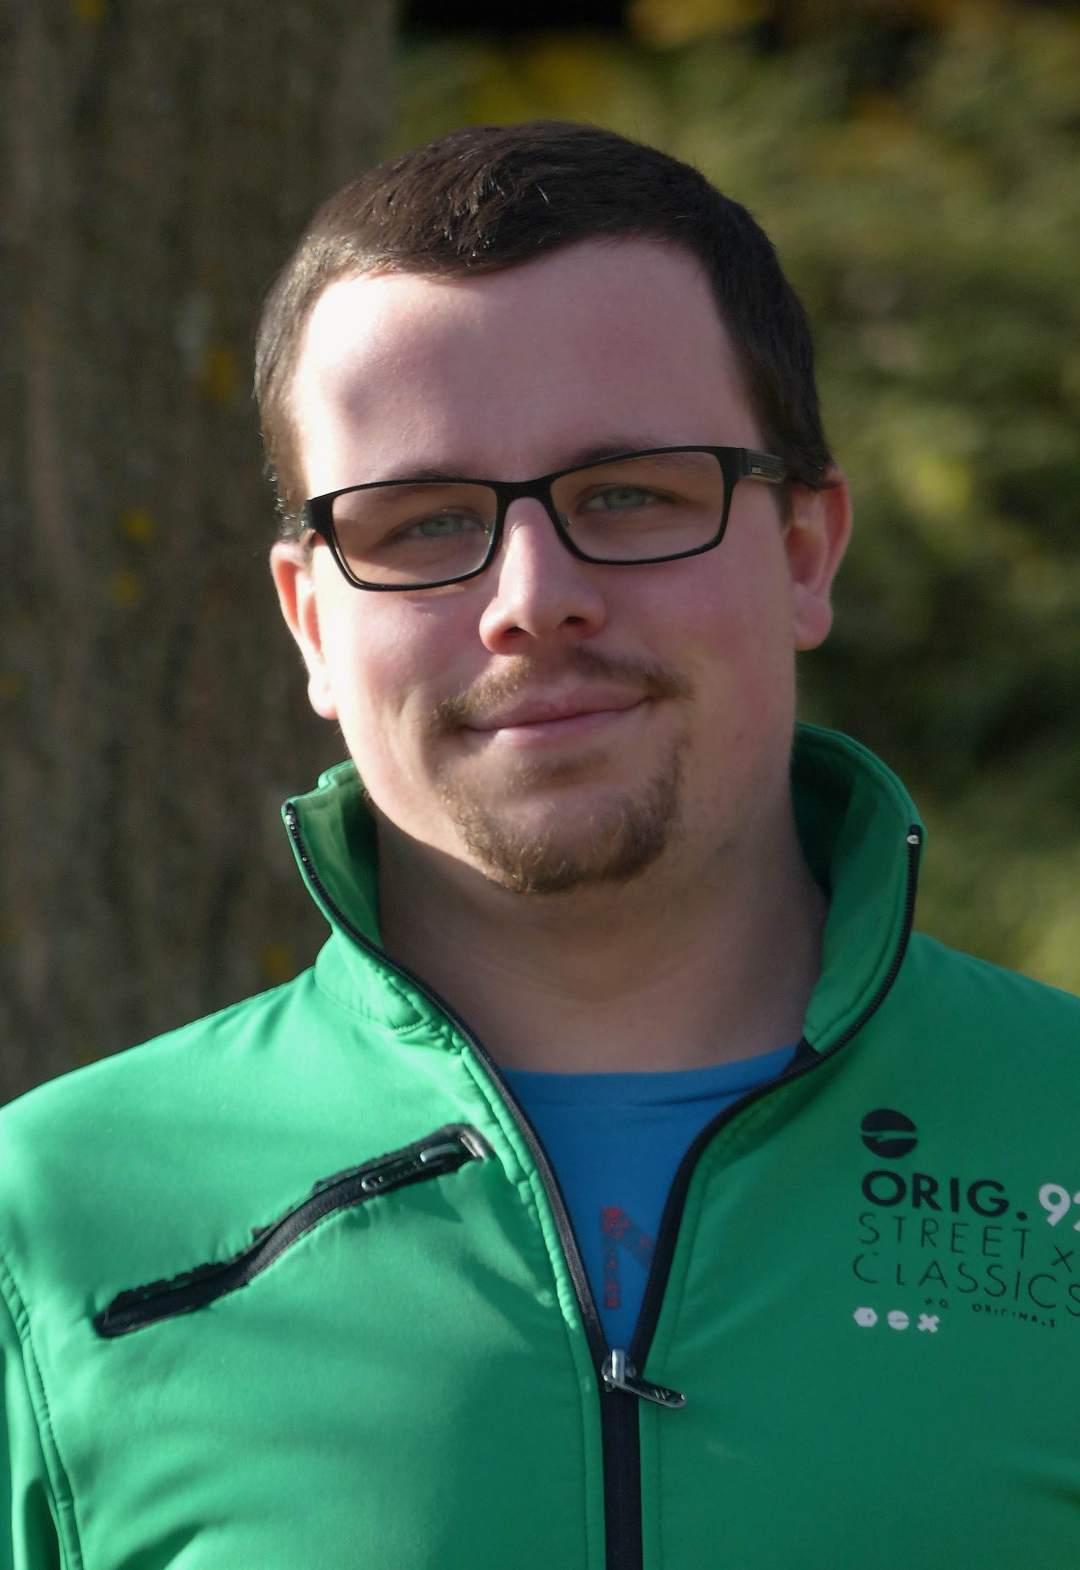 Sebastian Roersch